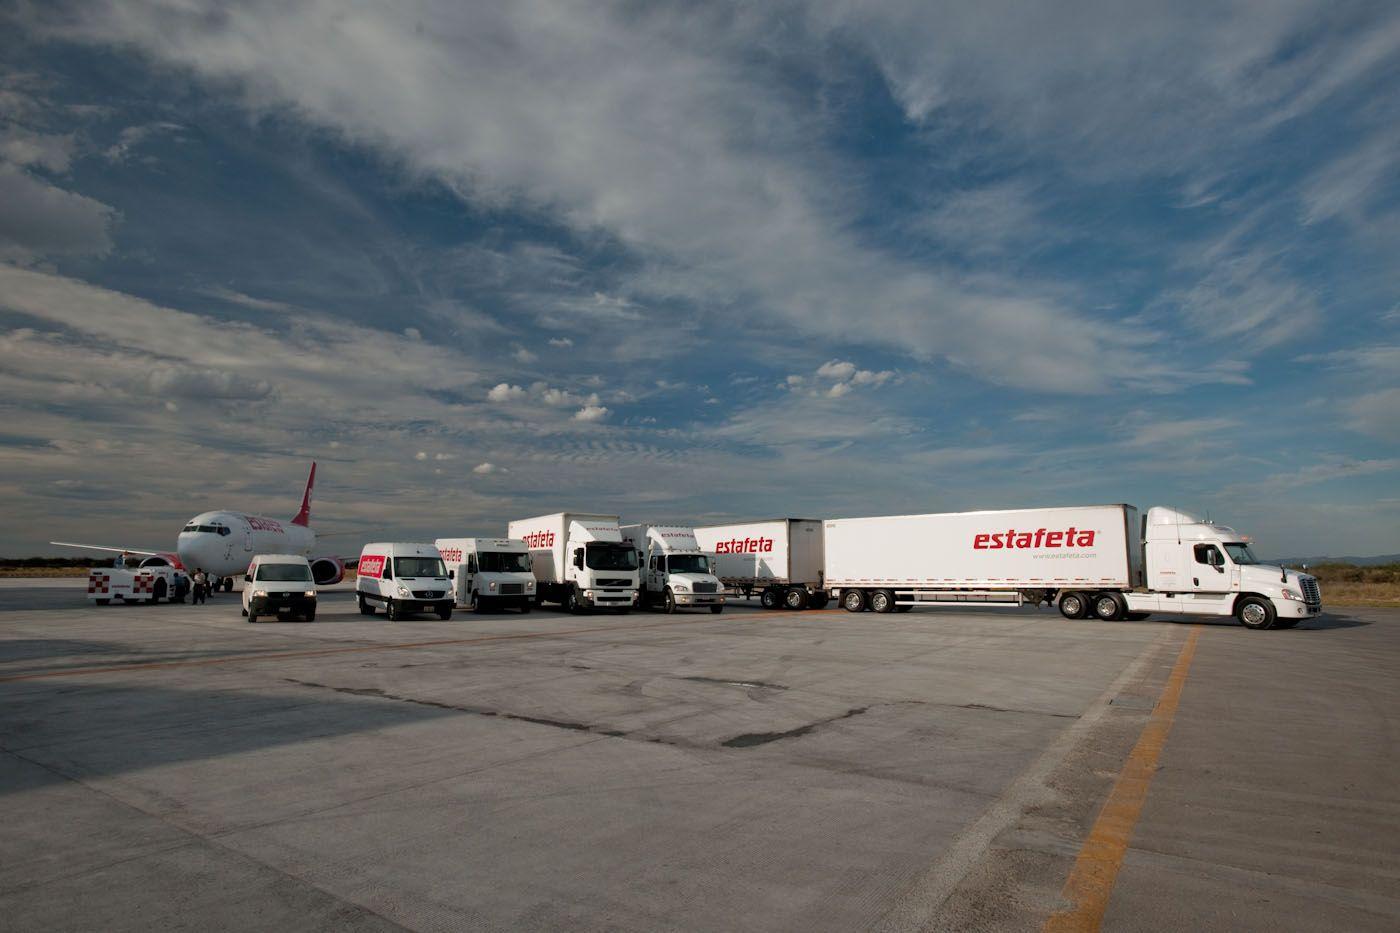 Estafeta offers offers comprehensive LTL, air cargo and